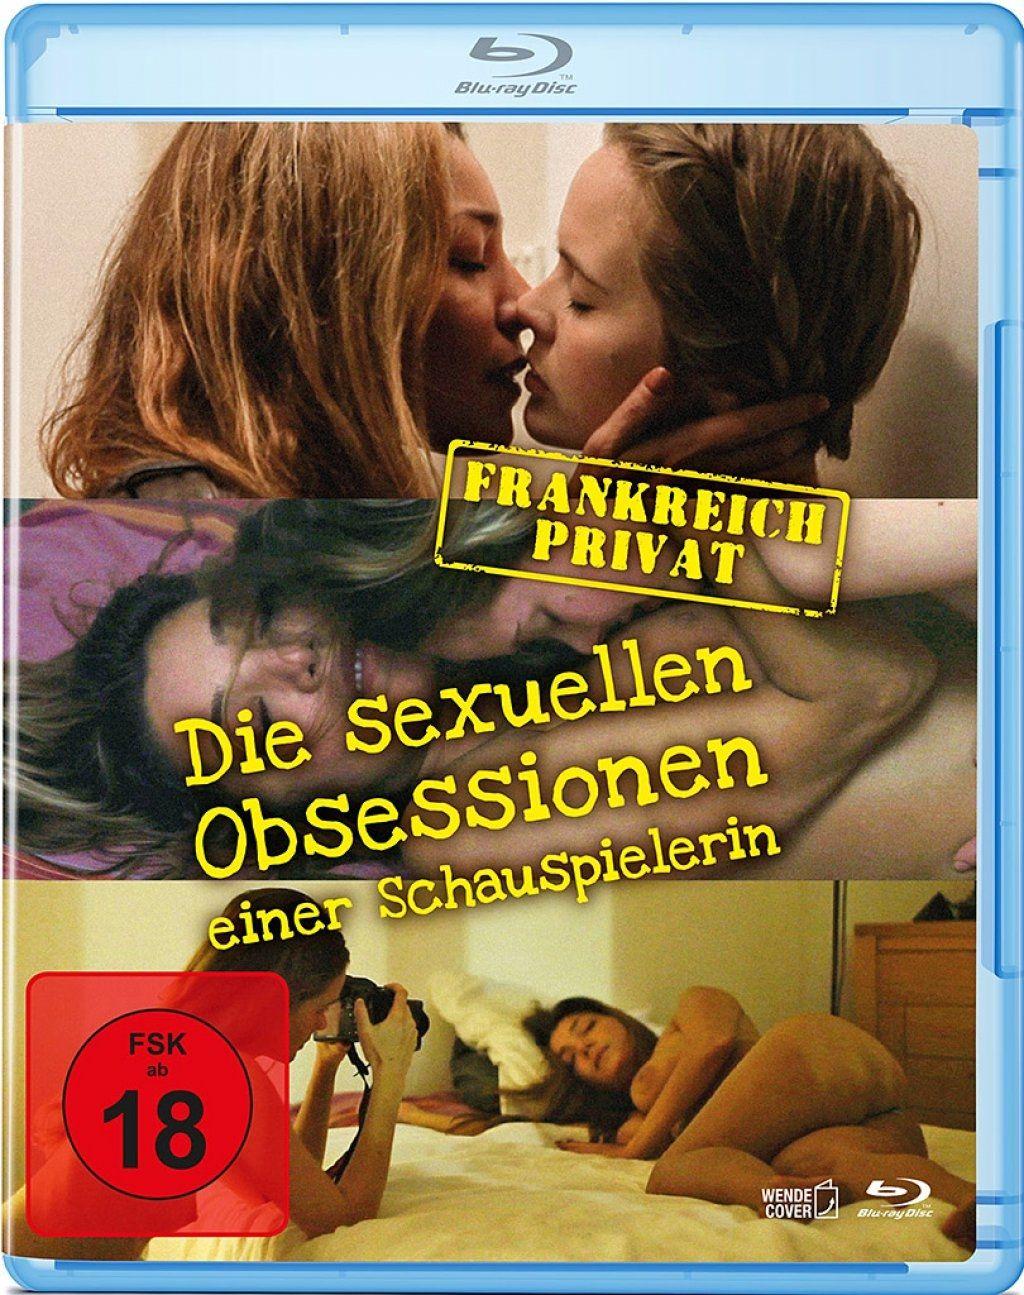 Frankreich Privat - Die sexuellen Obsessionen einer Schauspielerin (BLURAY)